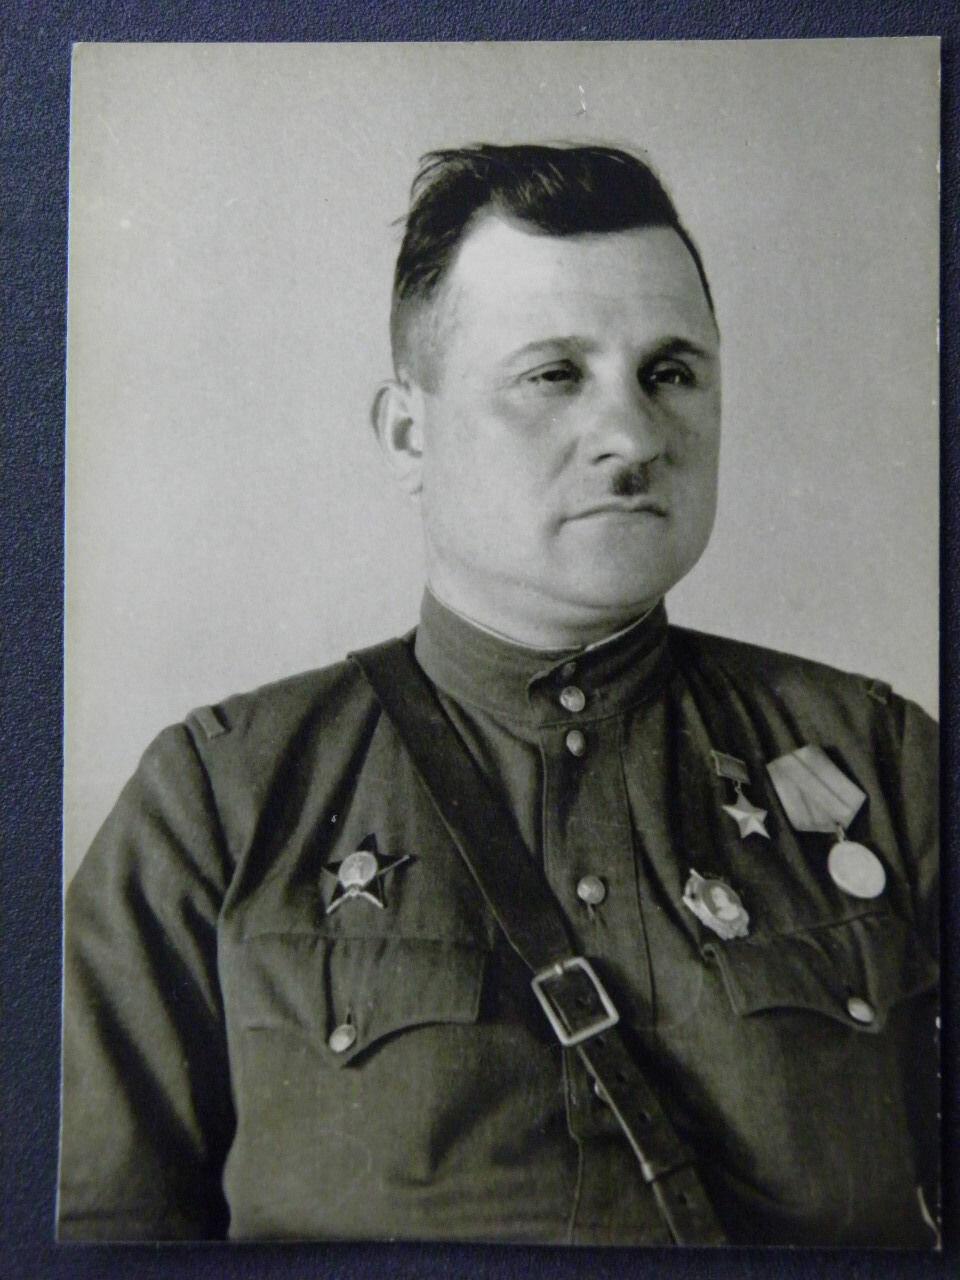 Григорий Васильевич Балицкий  (1906 — 1989), командир партизанского отряда, действовавшего на территории Гомельской, Черниговской и Волынской областей